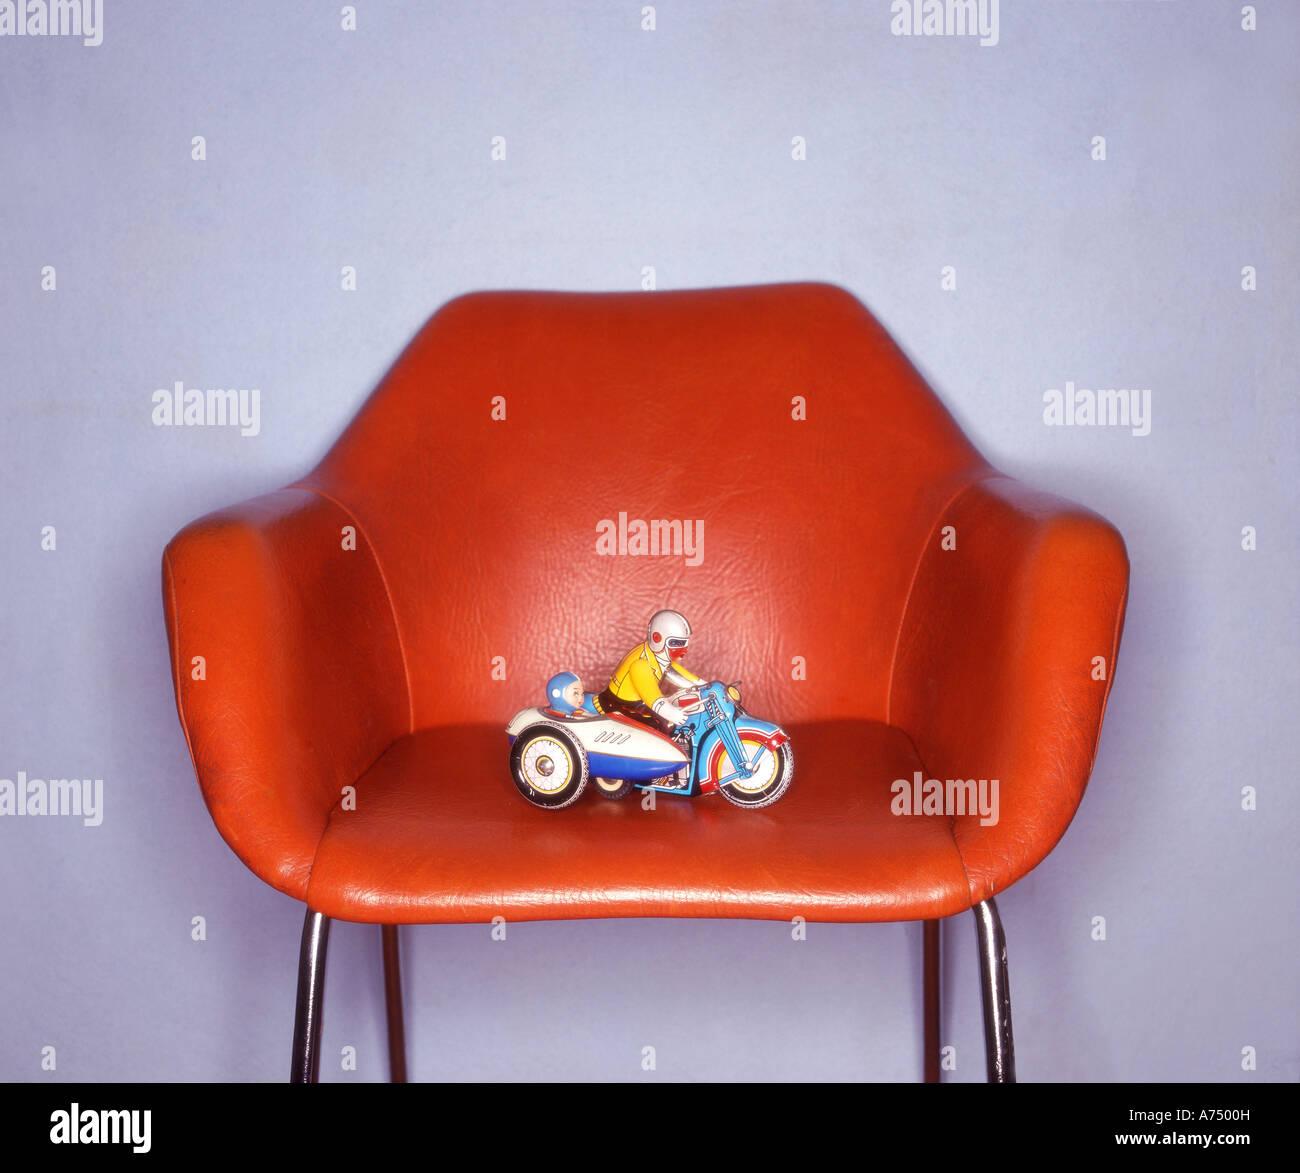 Retro brinquedo no cadeira retro iluminada por ringflash Imagens de Stock